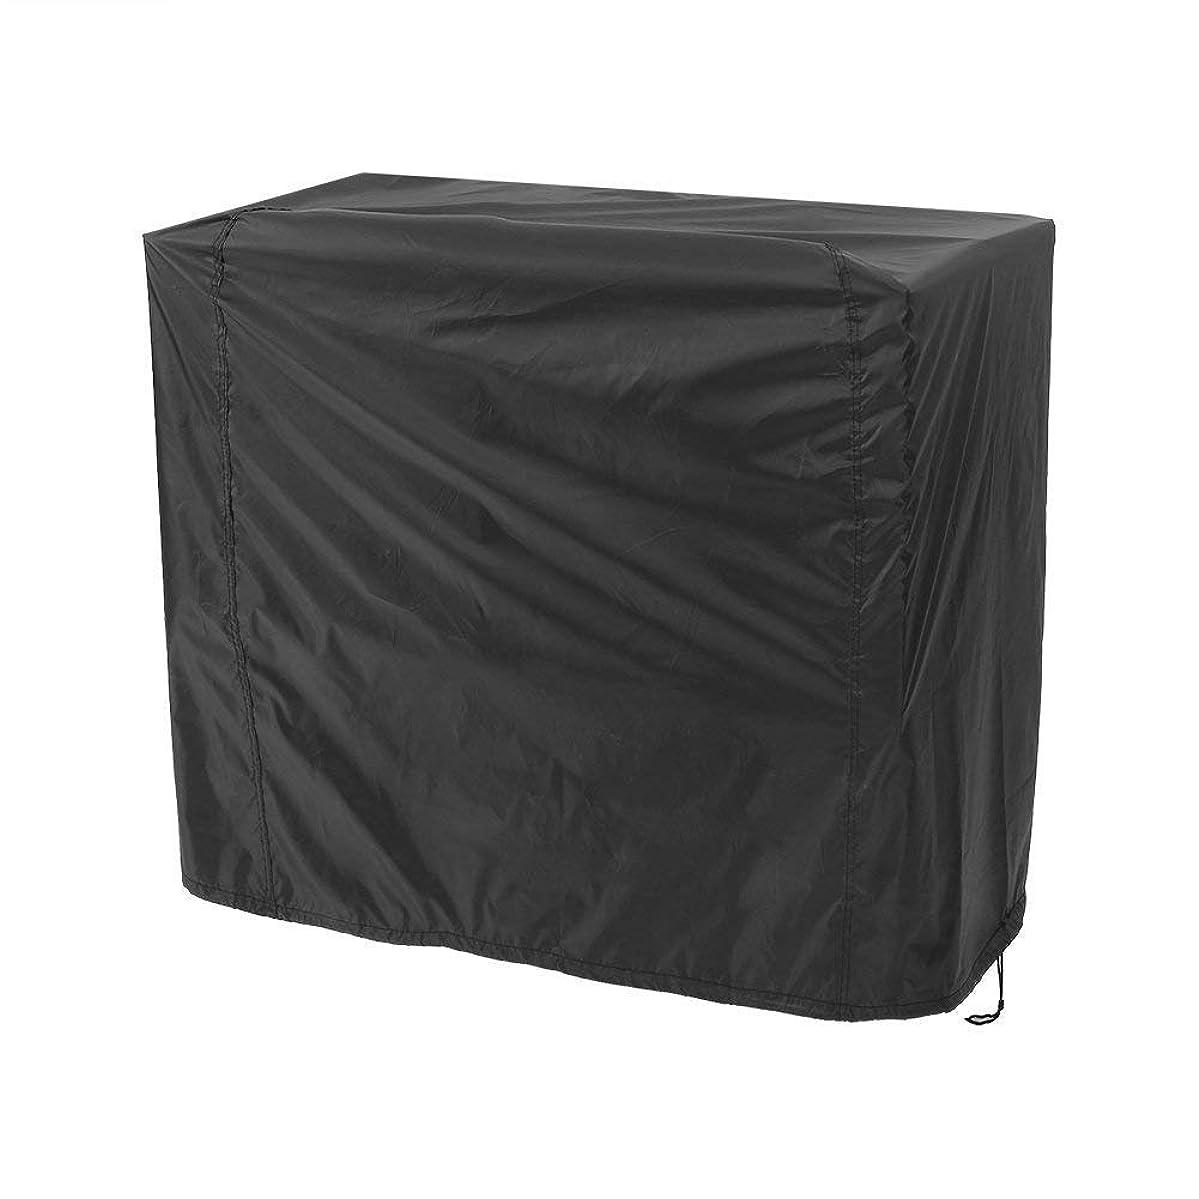 遠近法アクセント悪のbbqコンロ カバー -Dewin ファニチャーカバー、防水、防塵、防風、多機能、ロープ内蔵、収納袋 (Size : S)